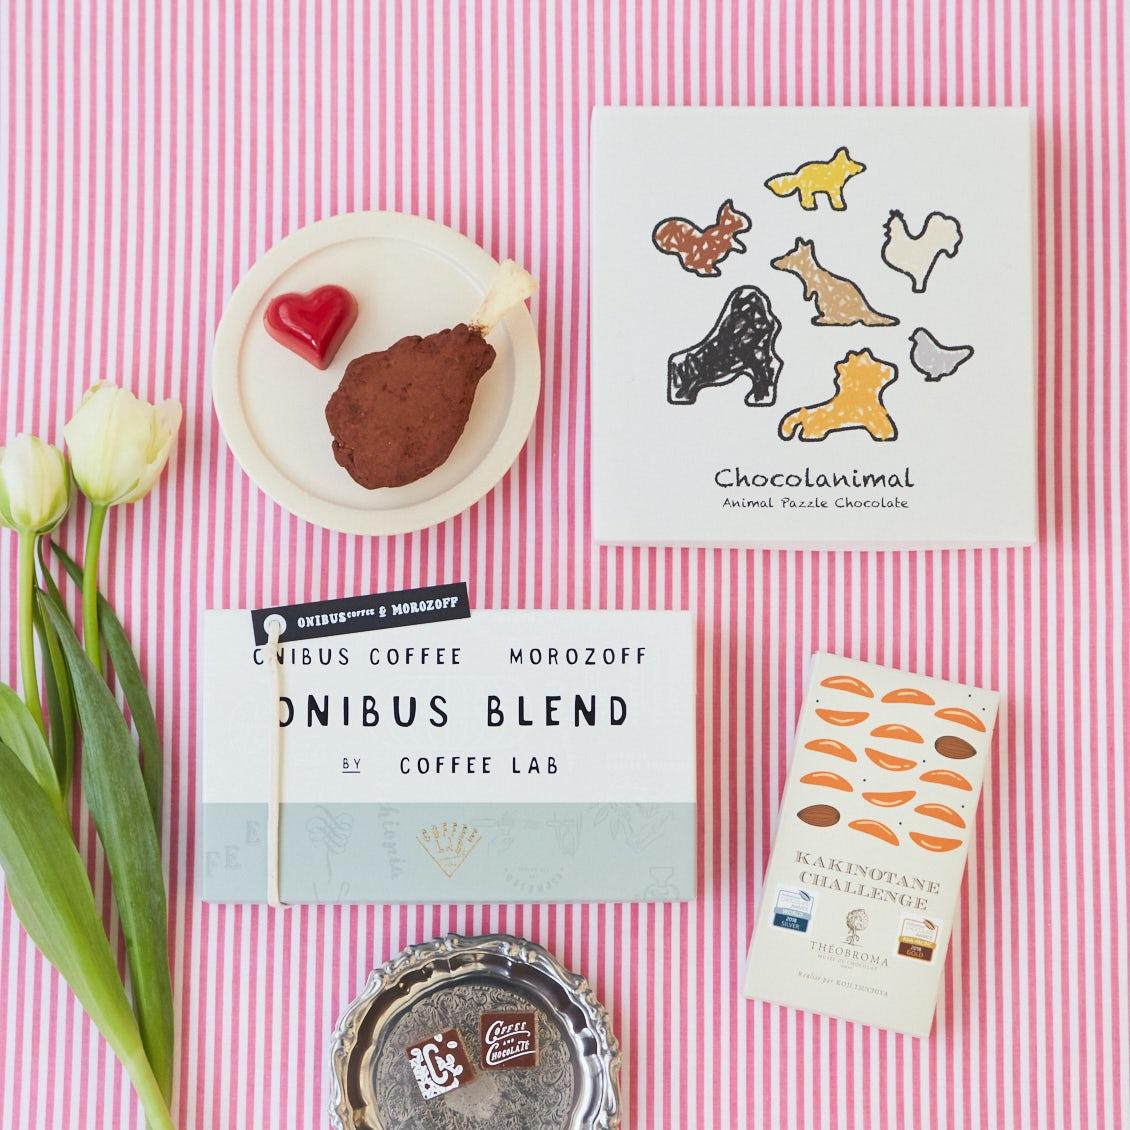 【ときめく手みやげ】第20回:厳選!バレンタインに贈りたい、可愛くてユニークなチョコレート4つ